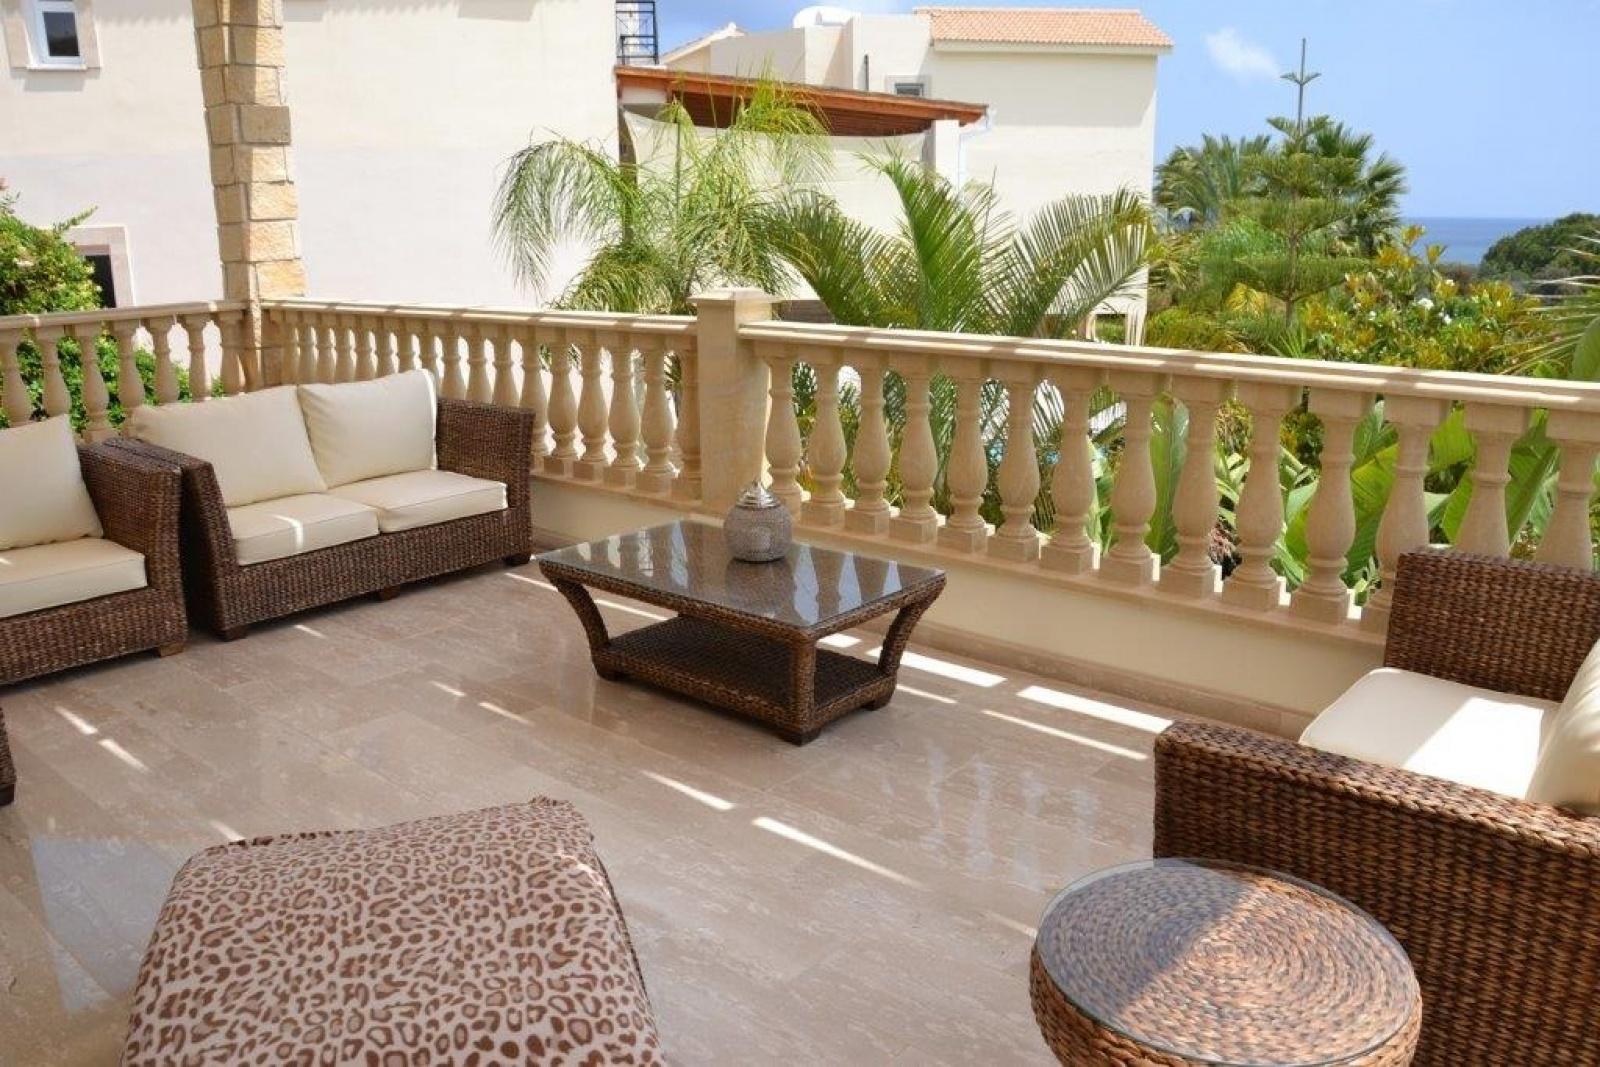 Residential Bungalow - Beach Villas Bungalow